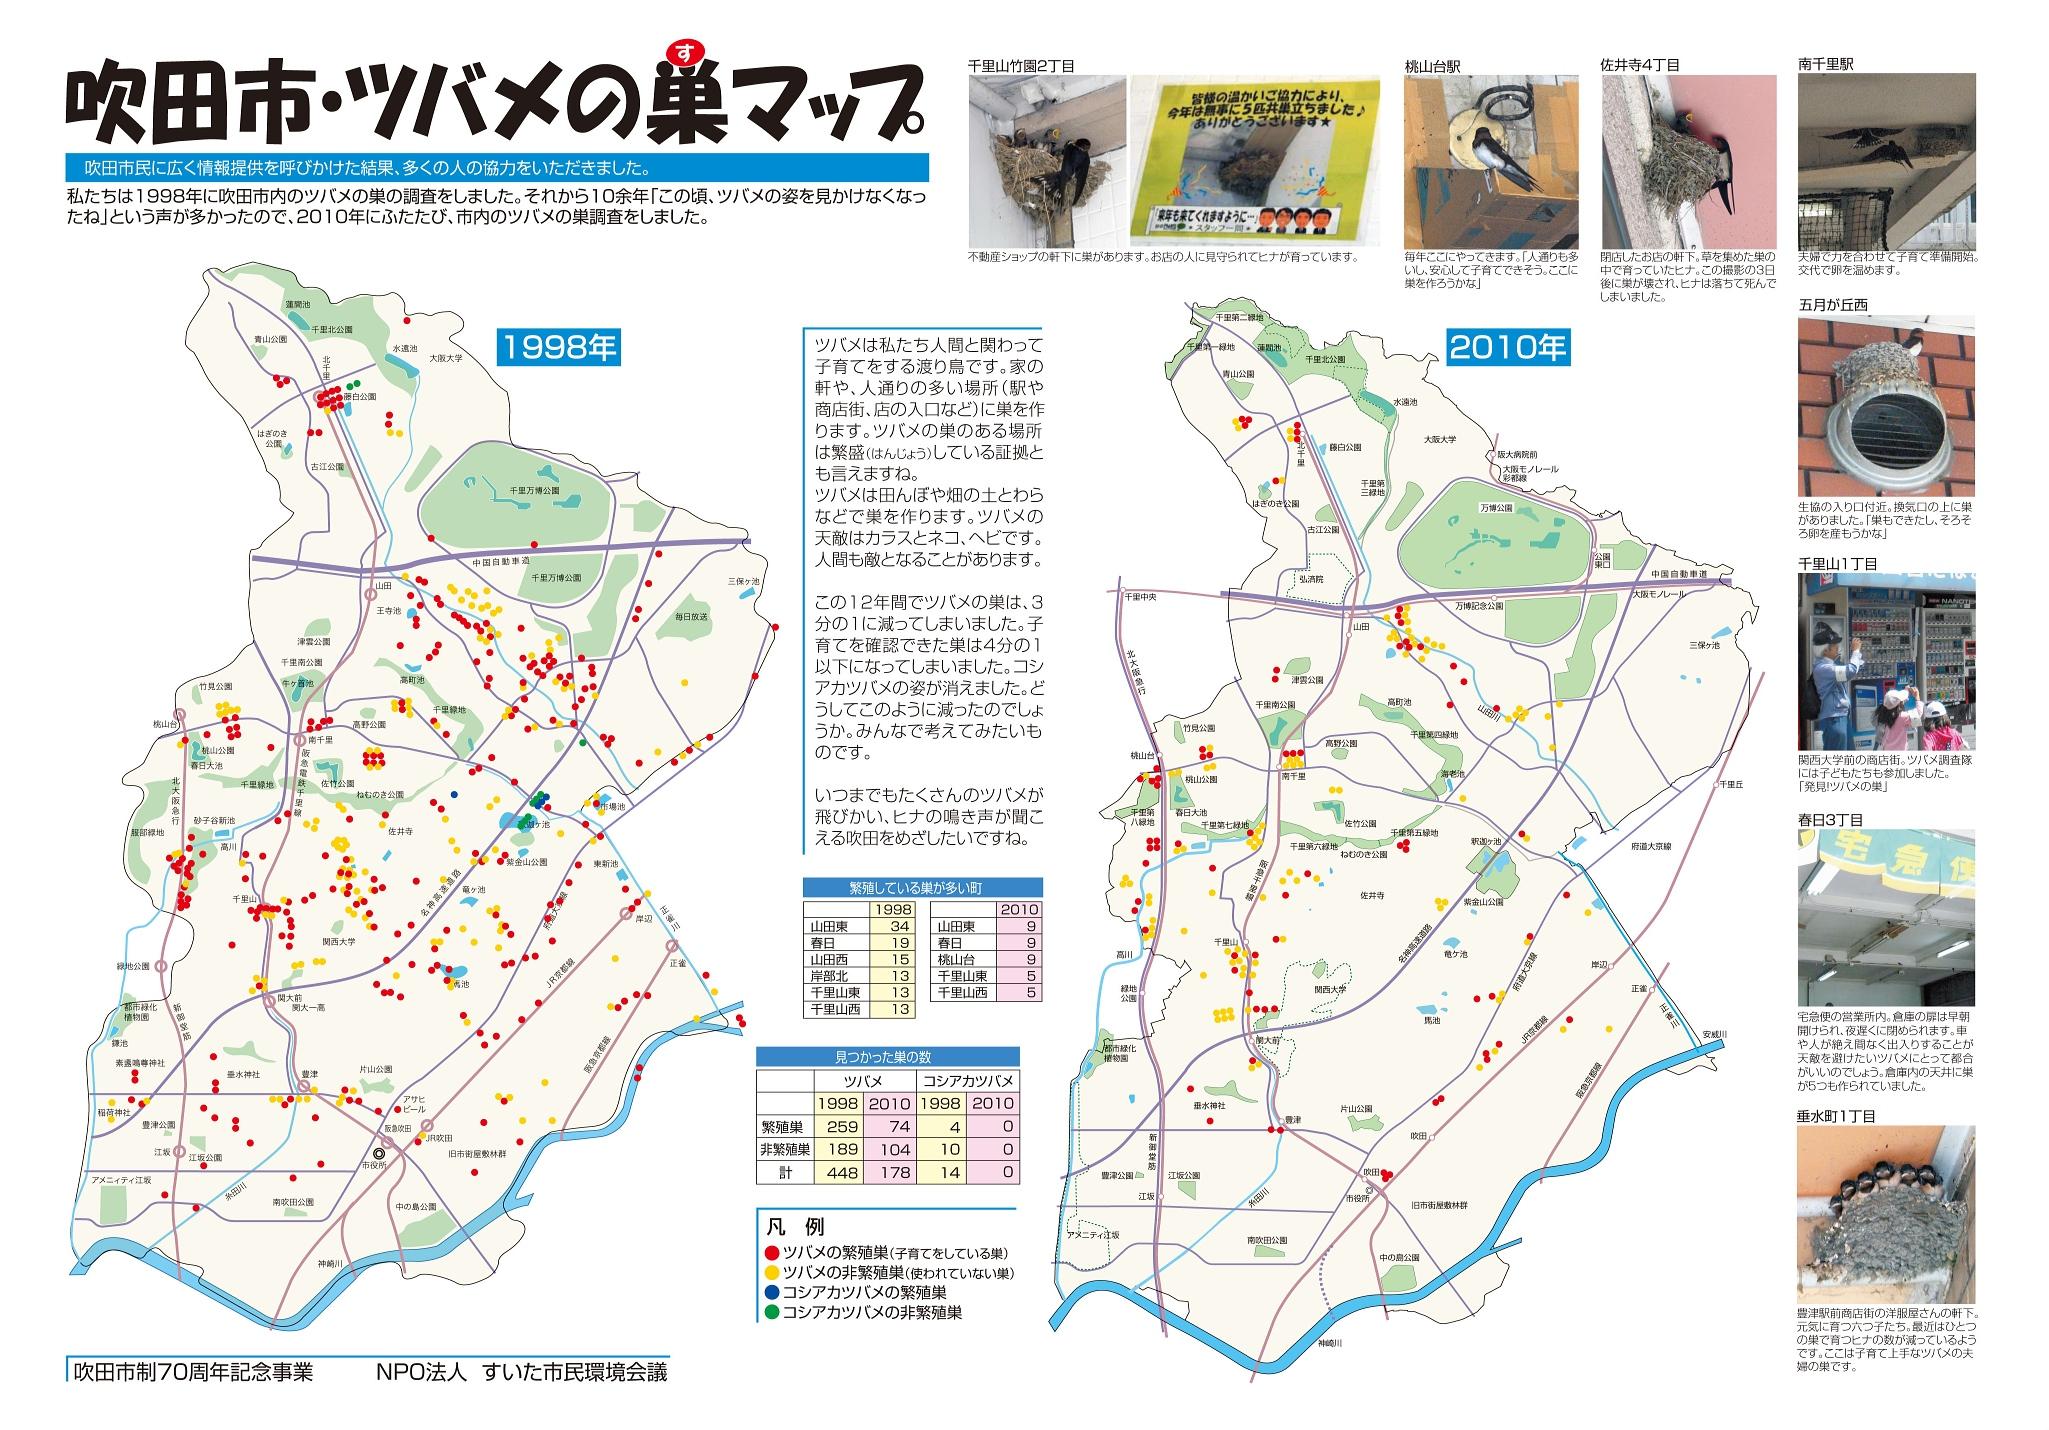 天阶岛城市地图